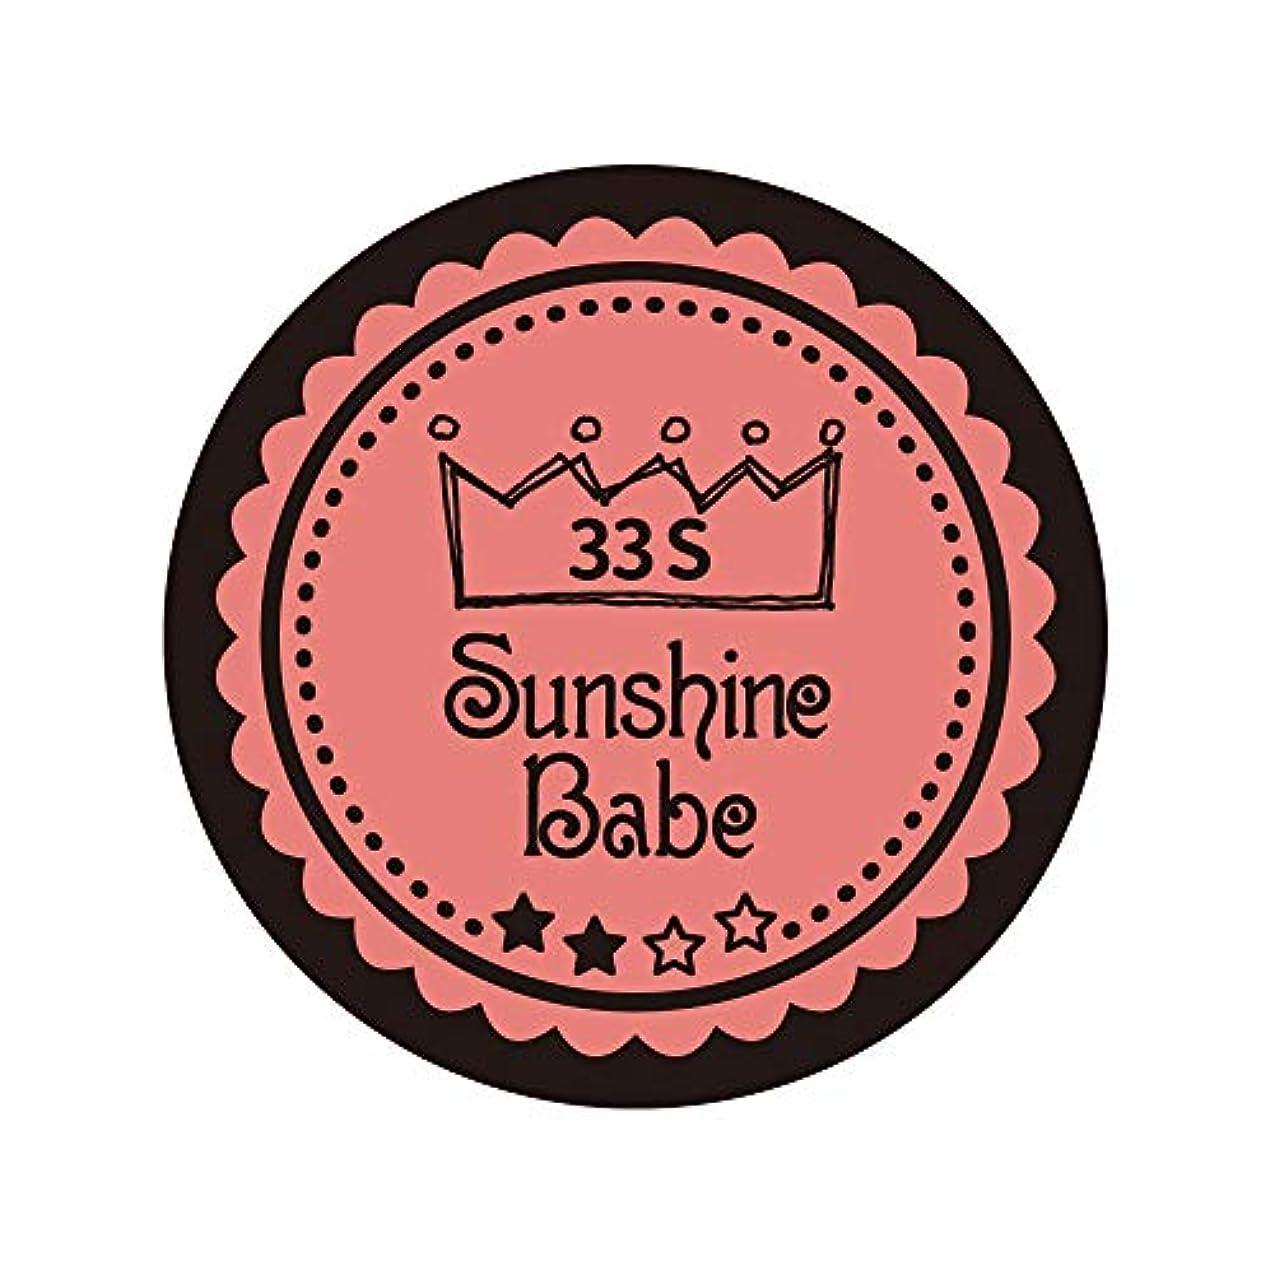 ずらす半導体時Sunshine Babe カラージェル 33S ベイクドコーラルピンク 4g UV/LED対応